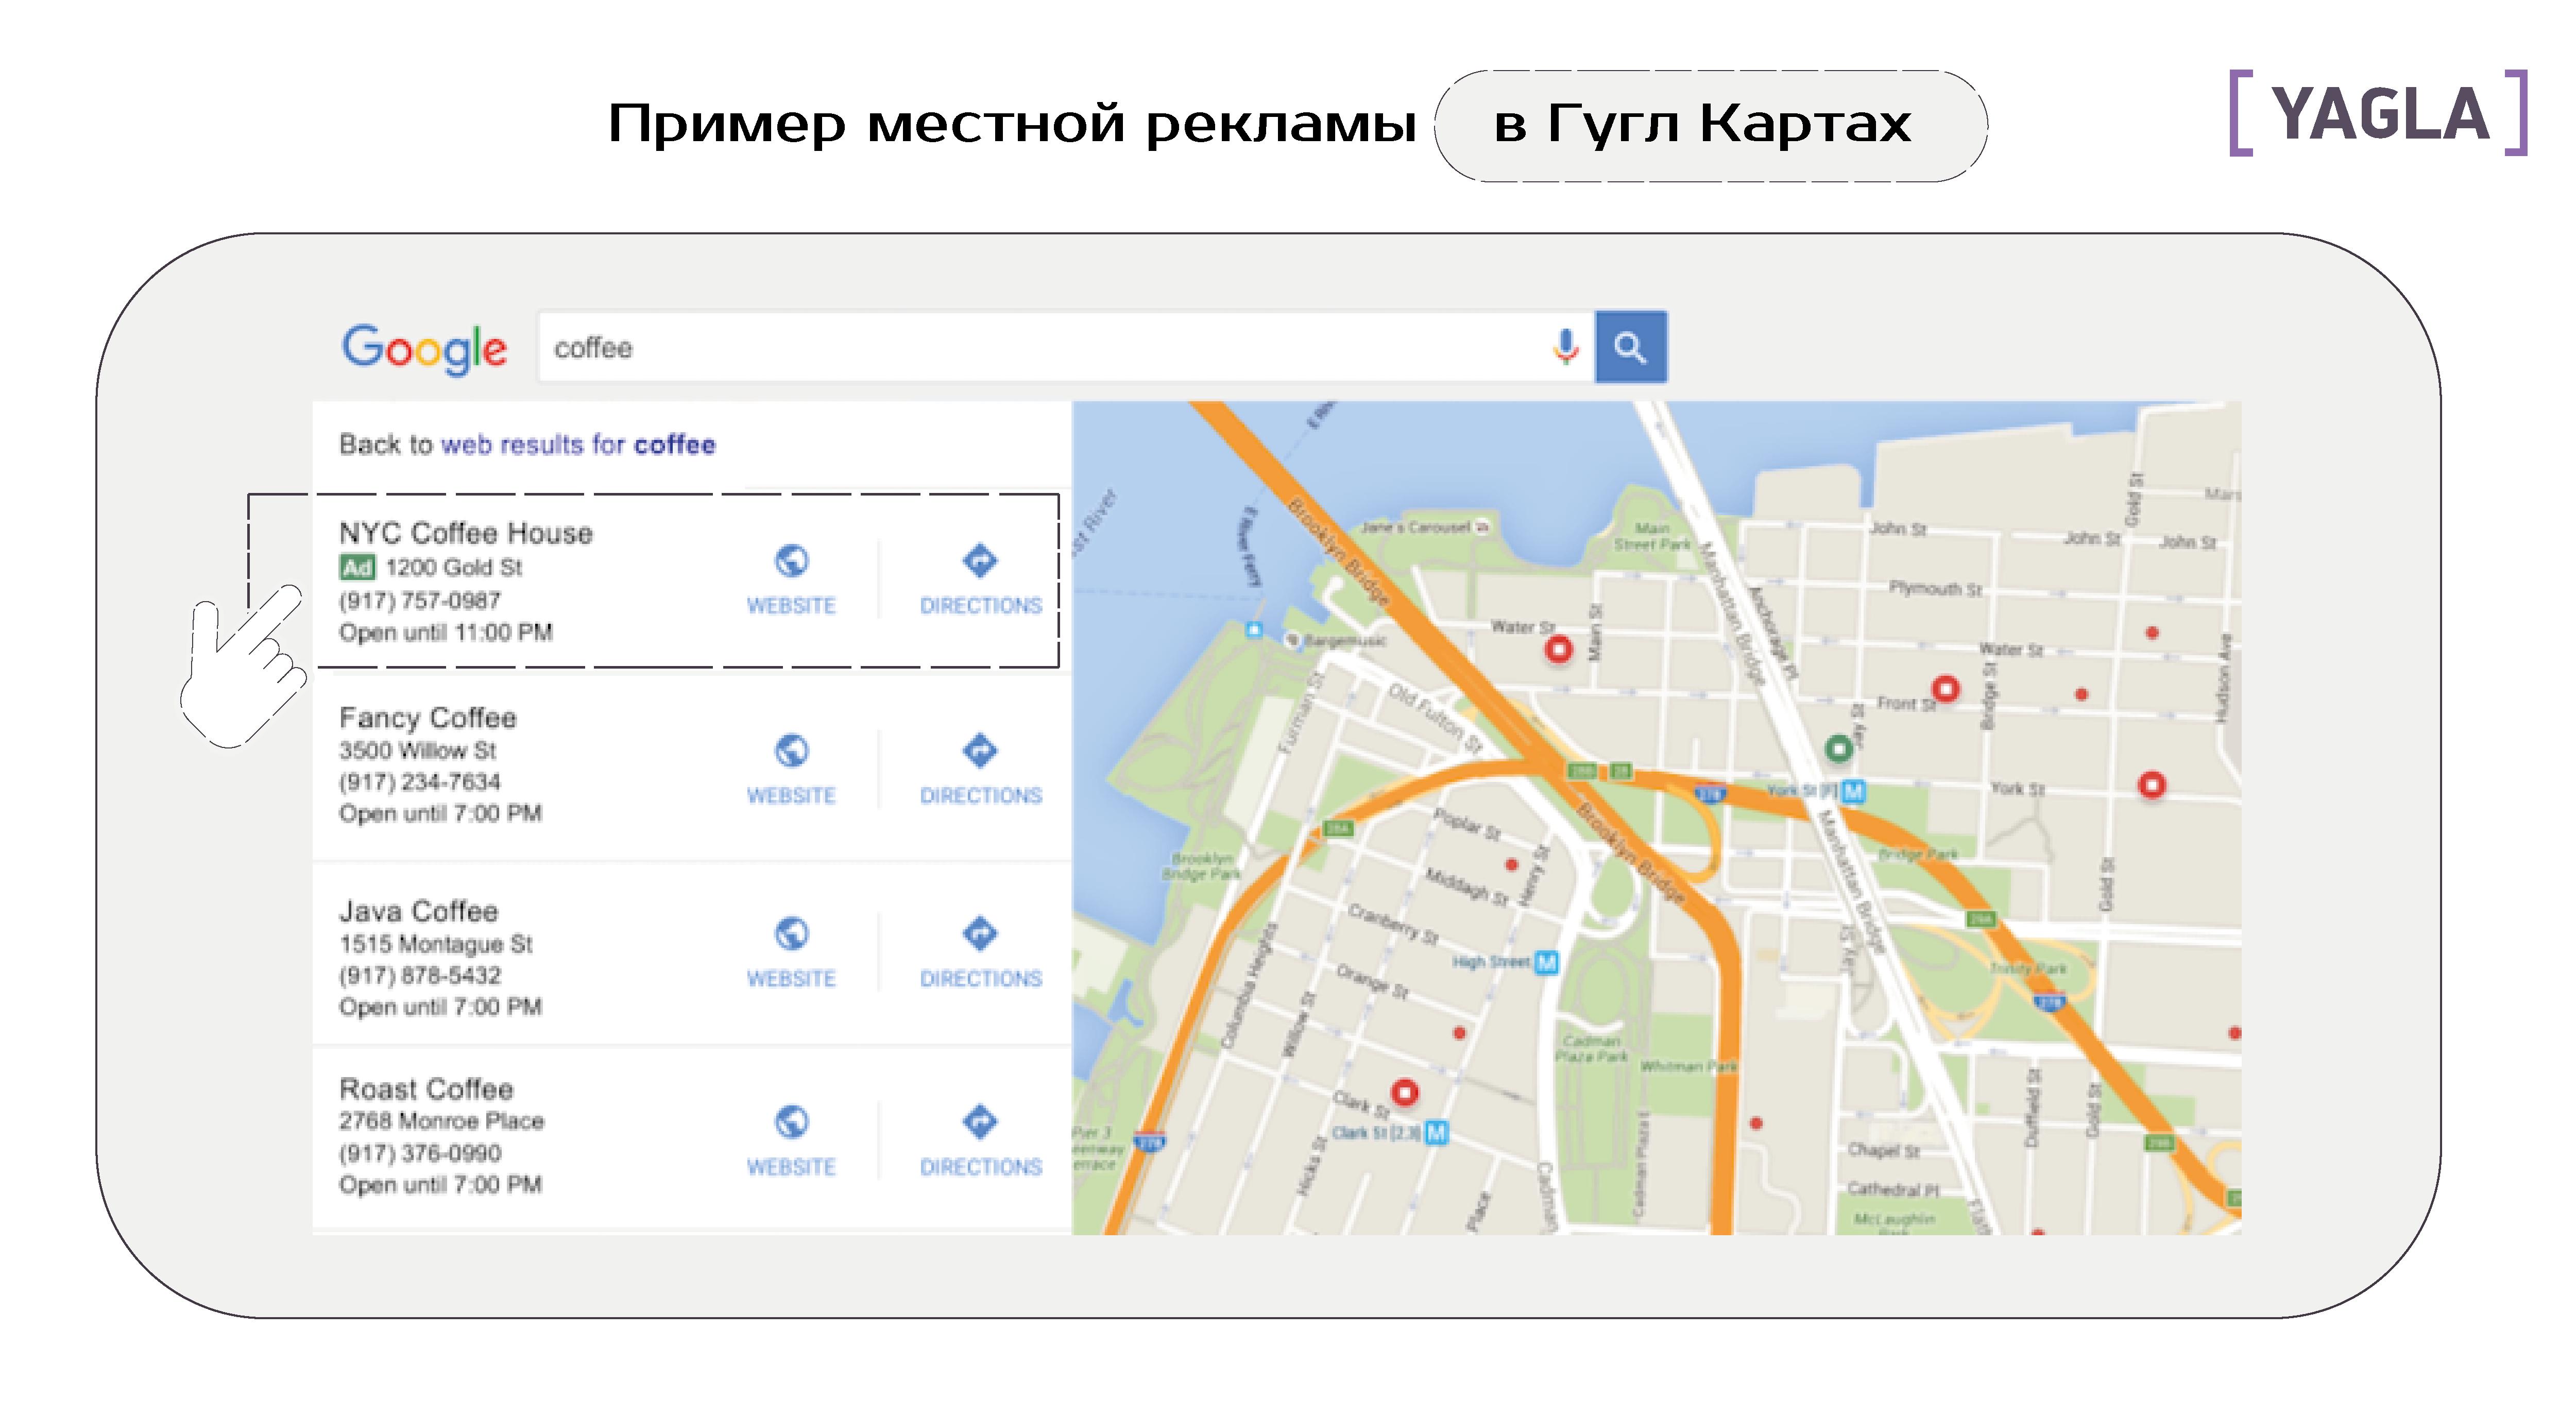 Пример местной рекламы в Гугл Картах